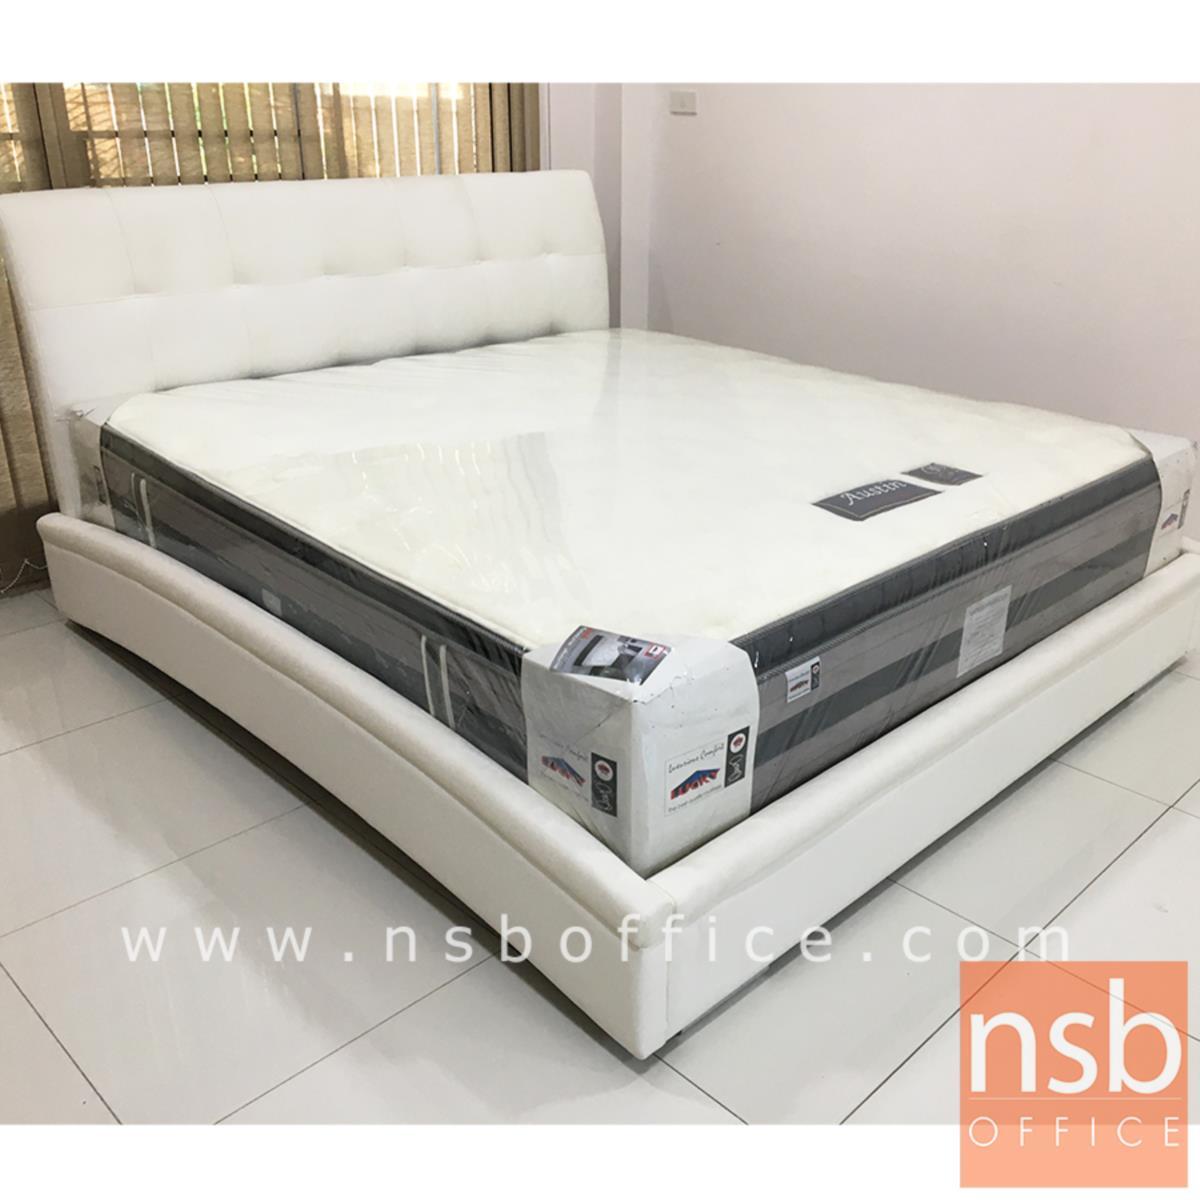 เตียงนอนหัวเตียงหุ้มเบาะPU 6 ฟุต รุ่น มาแชล(สต็อก 3 ตัว)